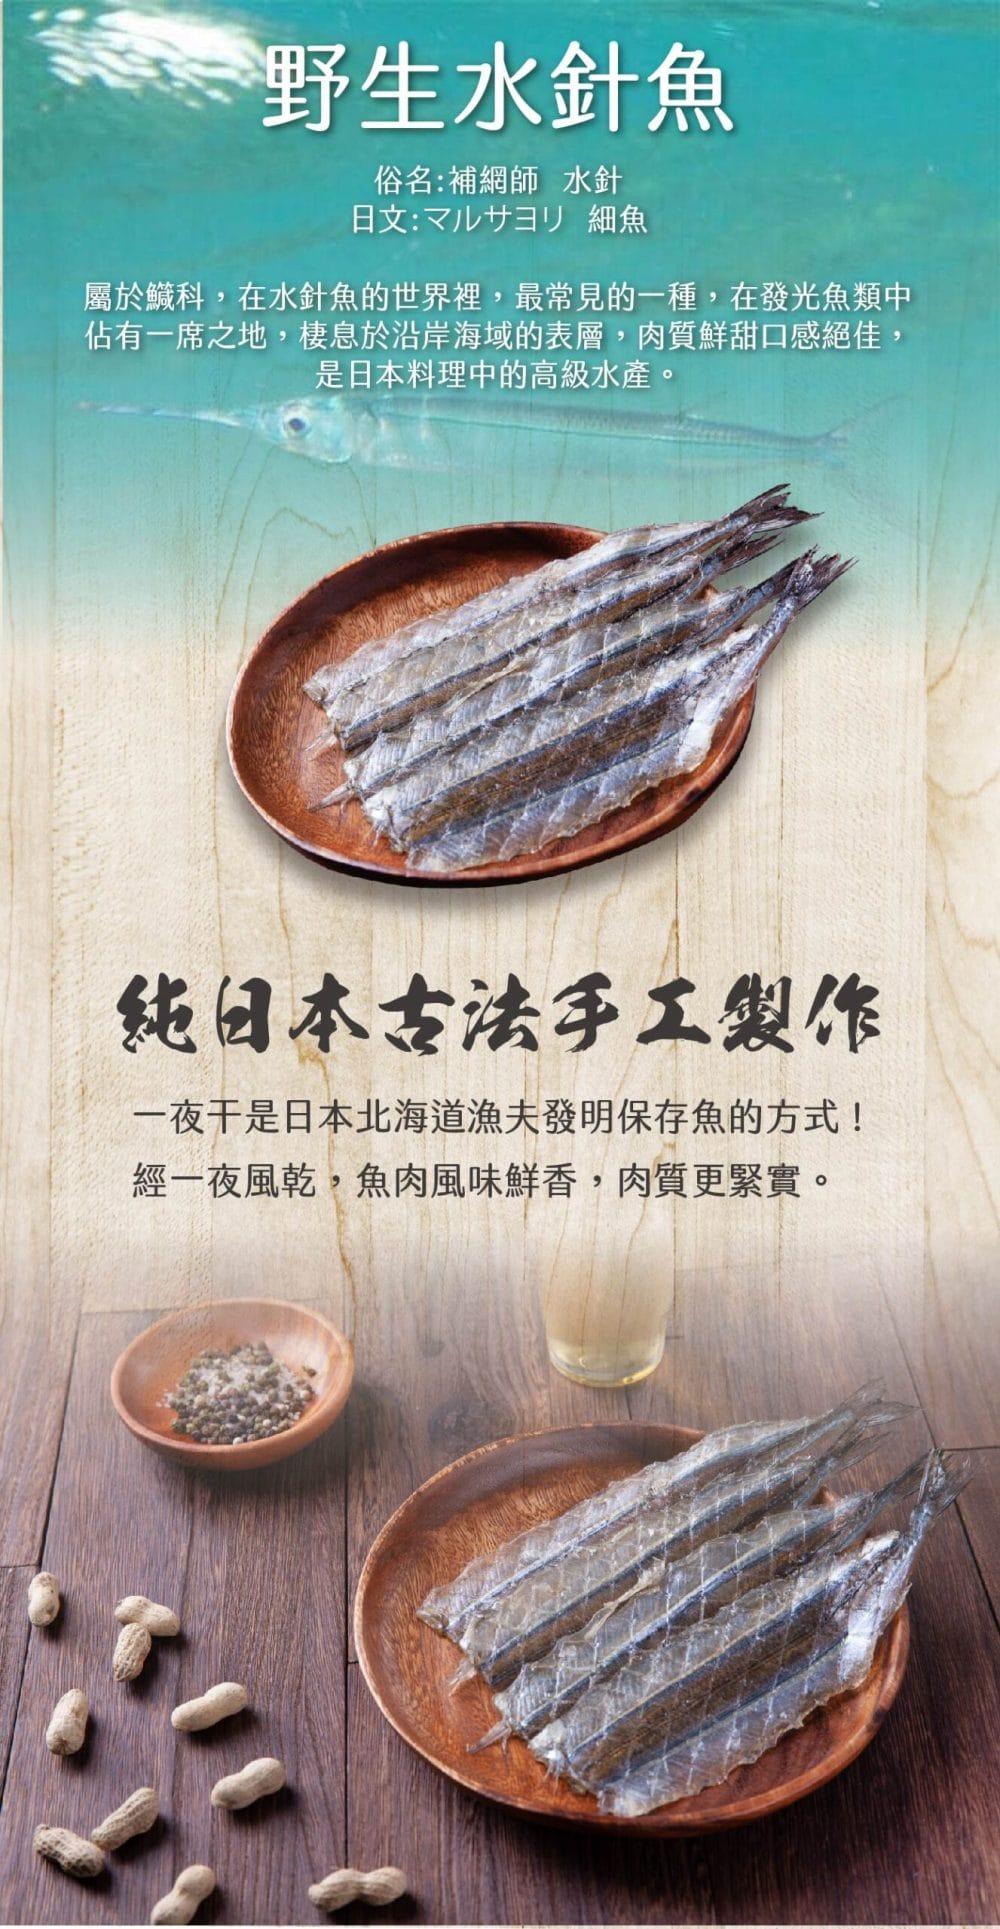 水針魚一夜干詳情頁3